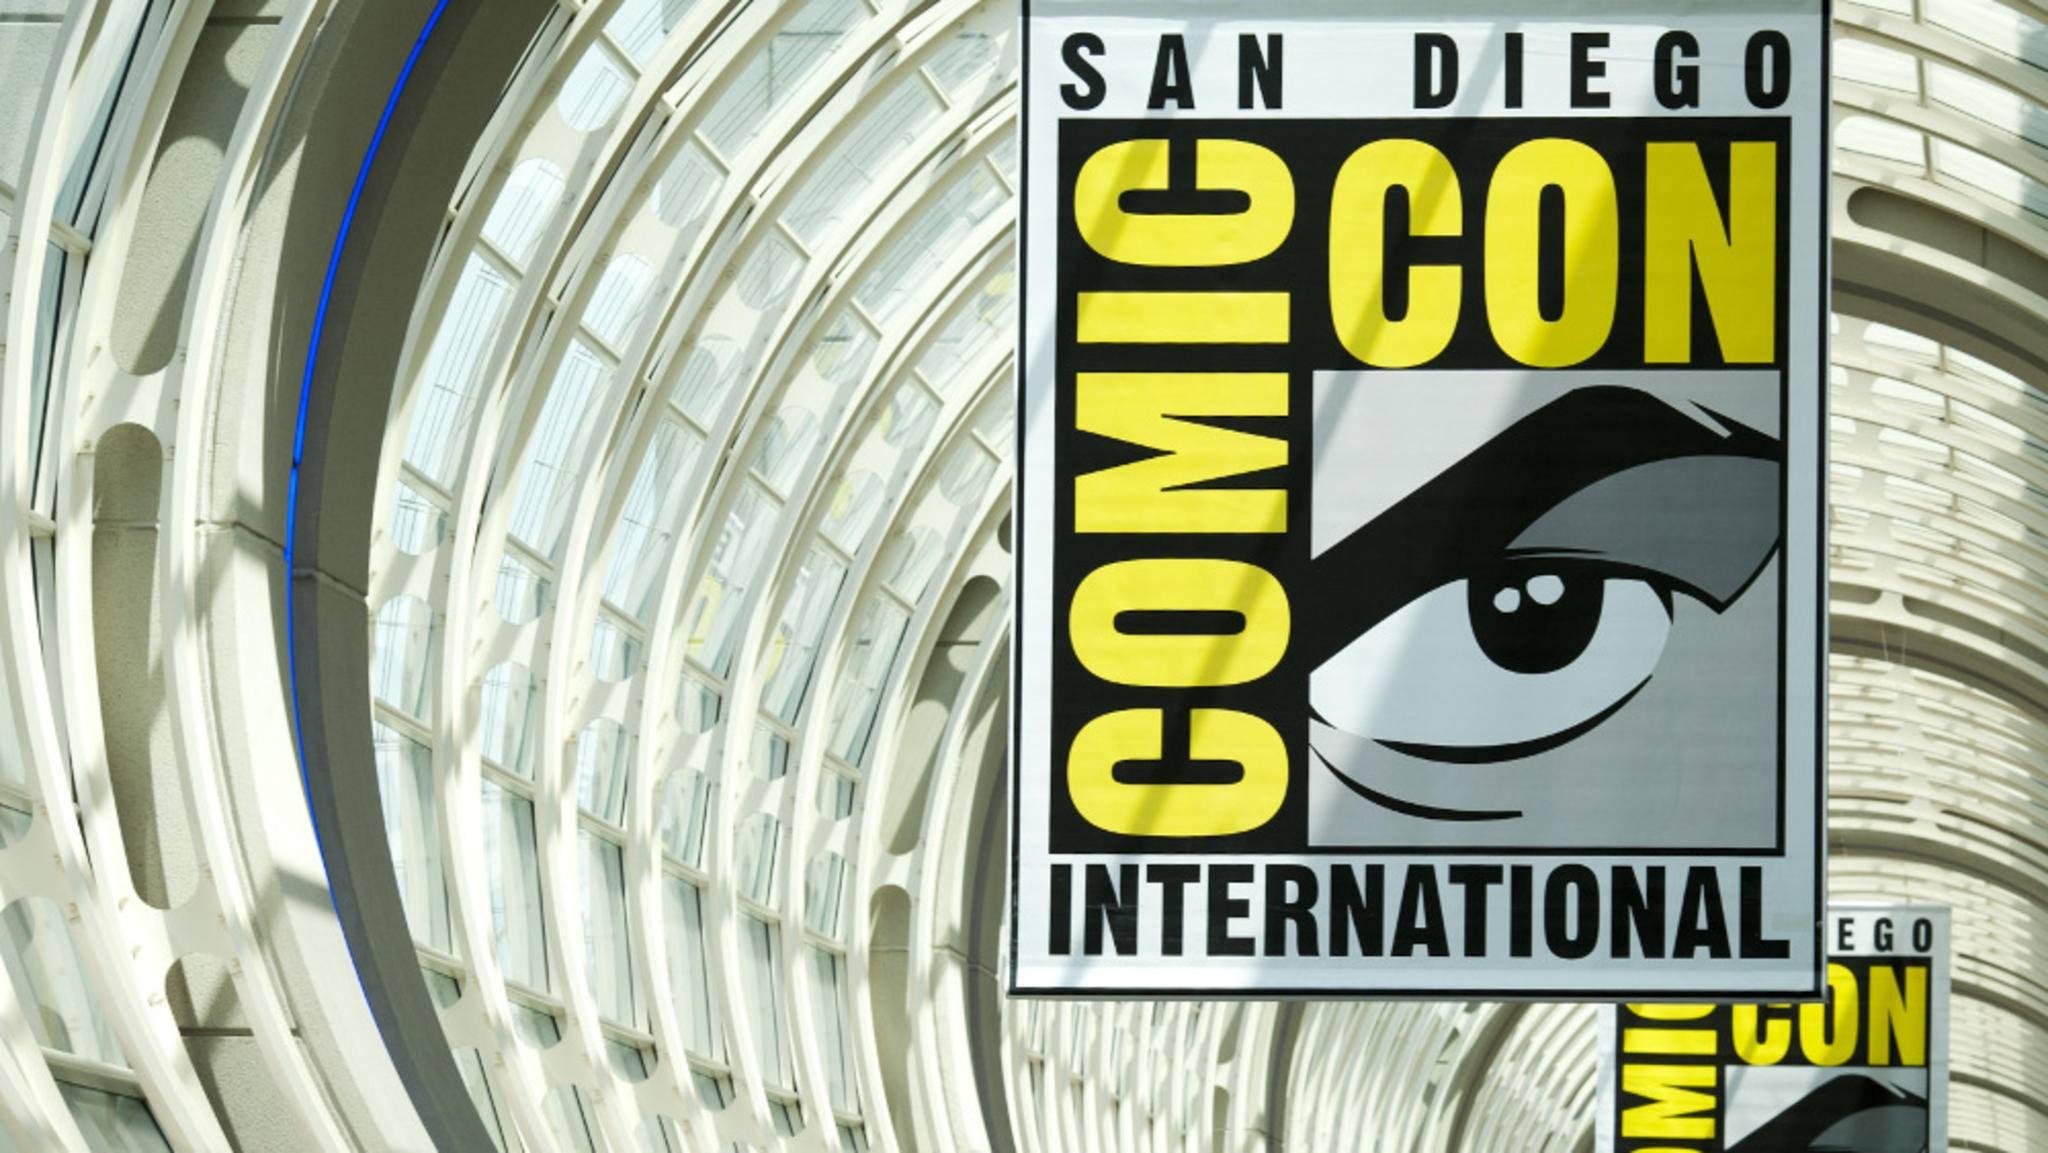 Seit den 1970er-Jahren findet in San Diego die Comic-Con statt, die weltweit größte Comicmesse.